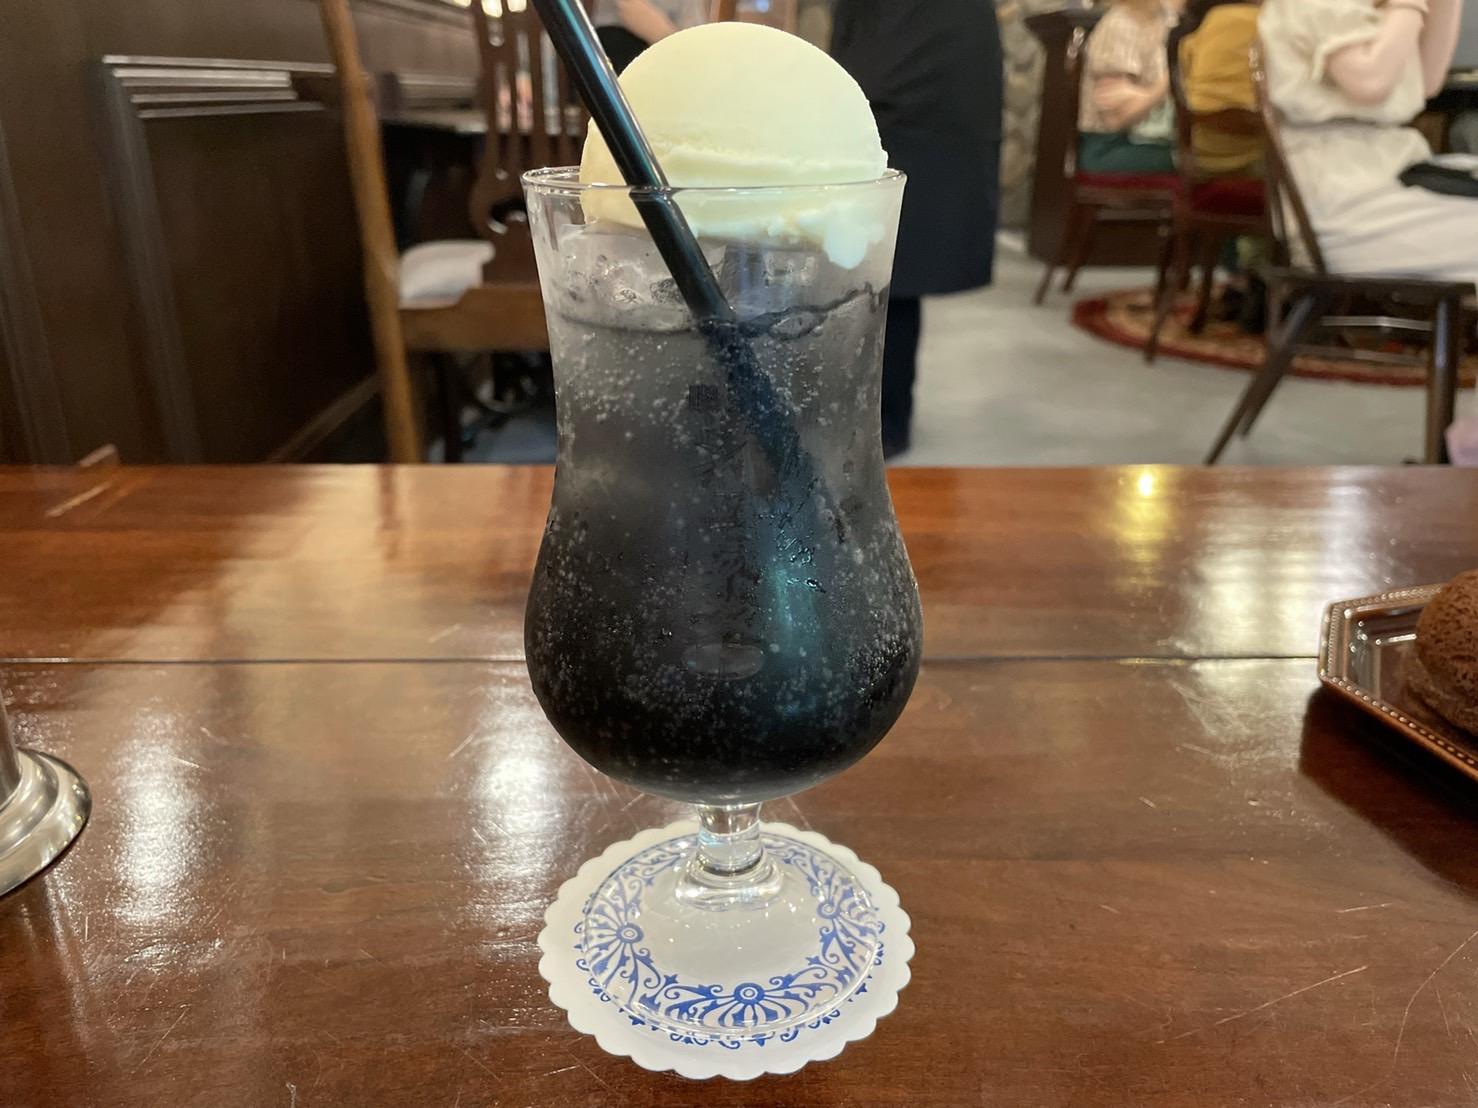 上前津|黒いクリームソーダが飲めちゃう!?レトロな雰囲気の喫茶店